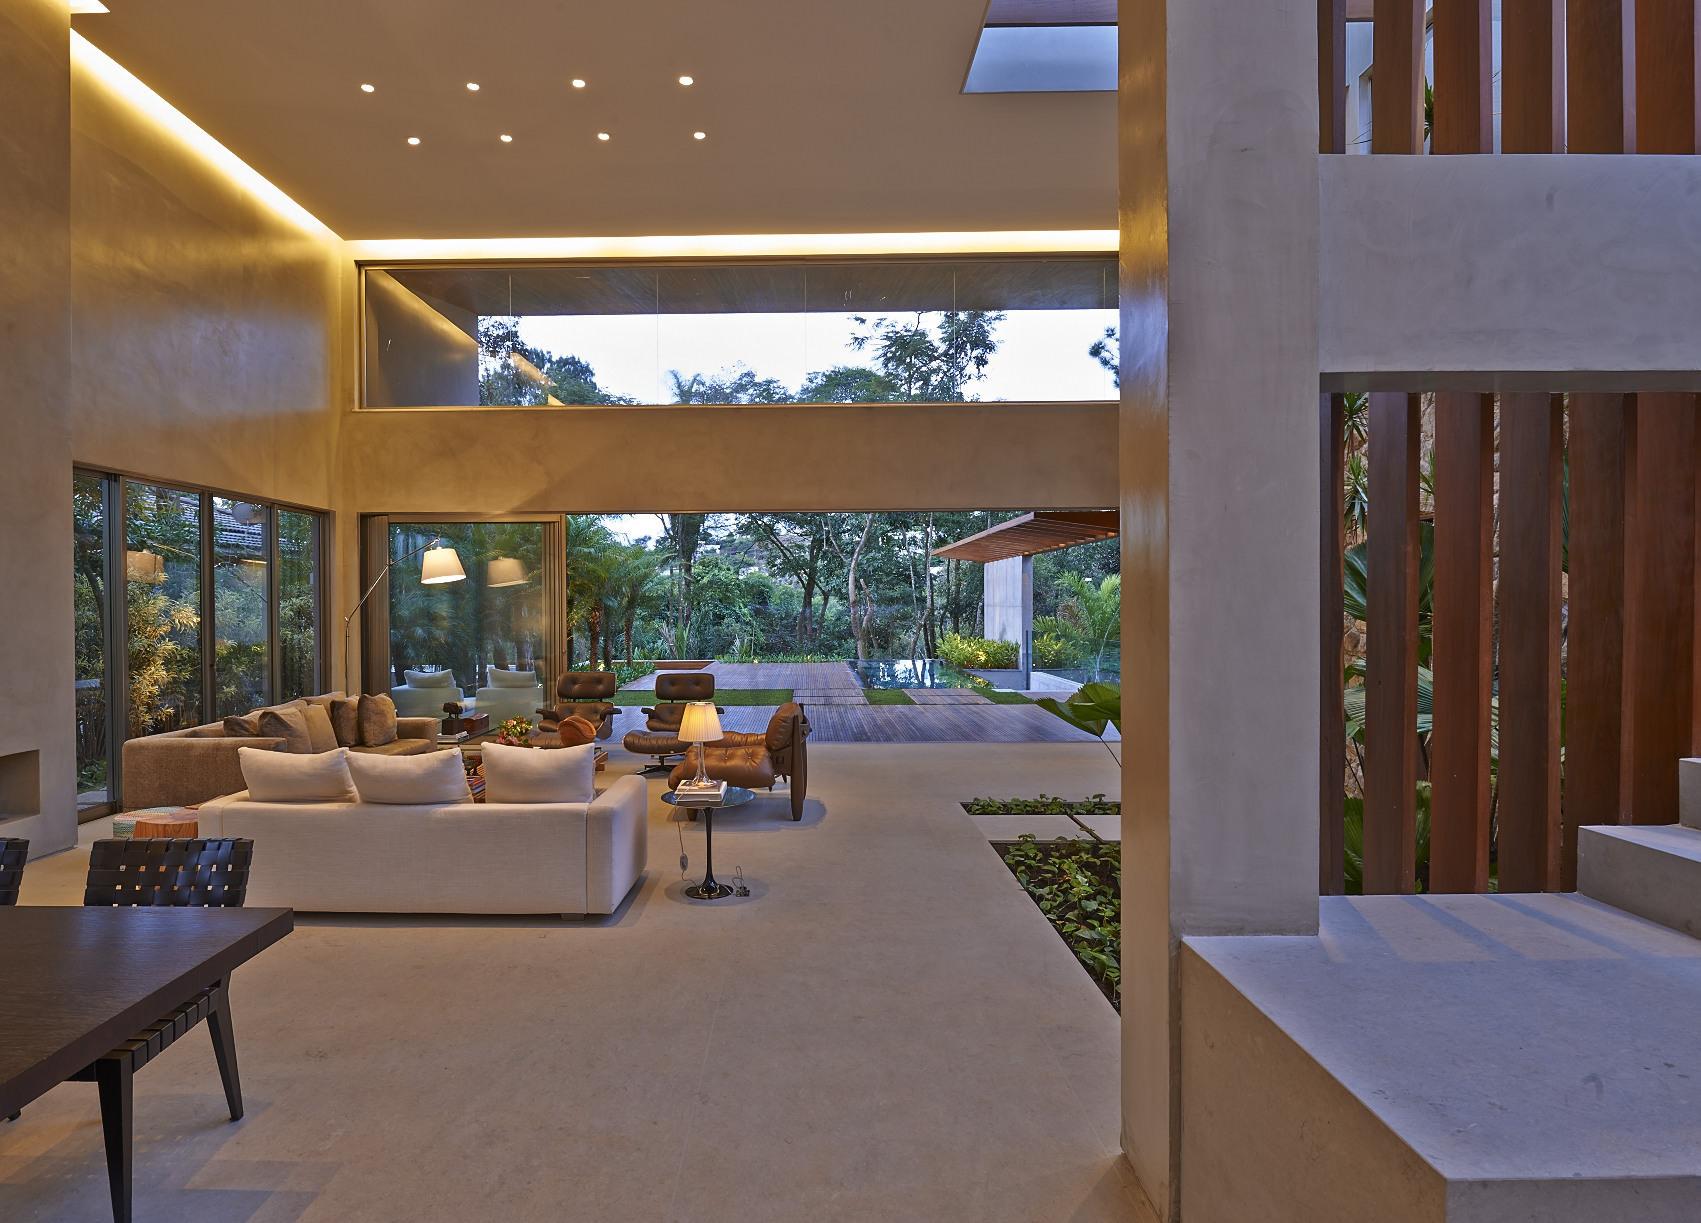 52a3dfd8e8e44e00d80000b1_bosque-da-ribeira-anastasia-arquitetos__dsc7411